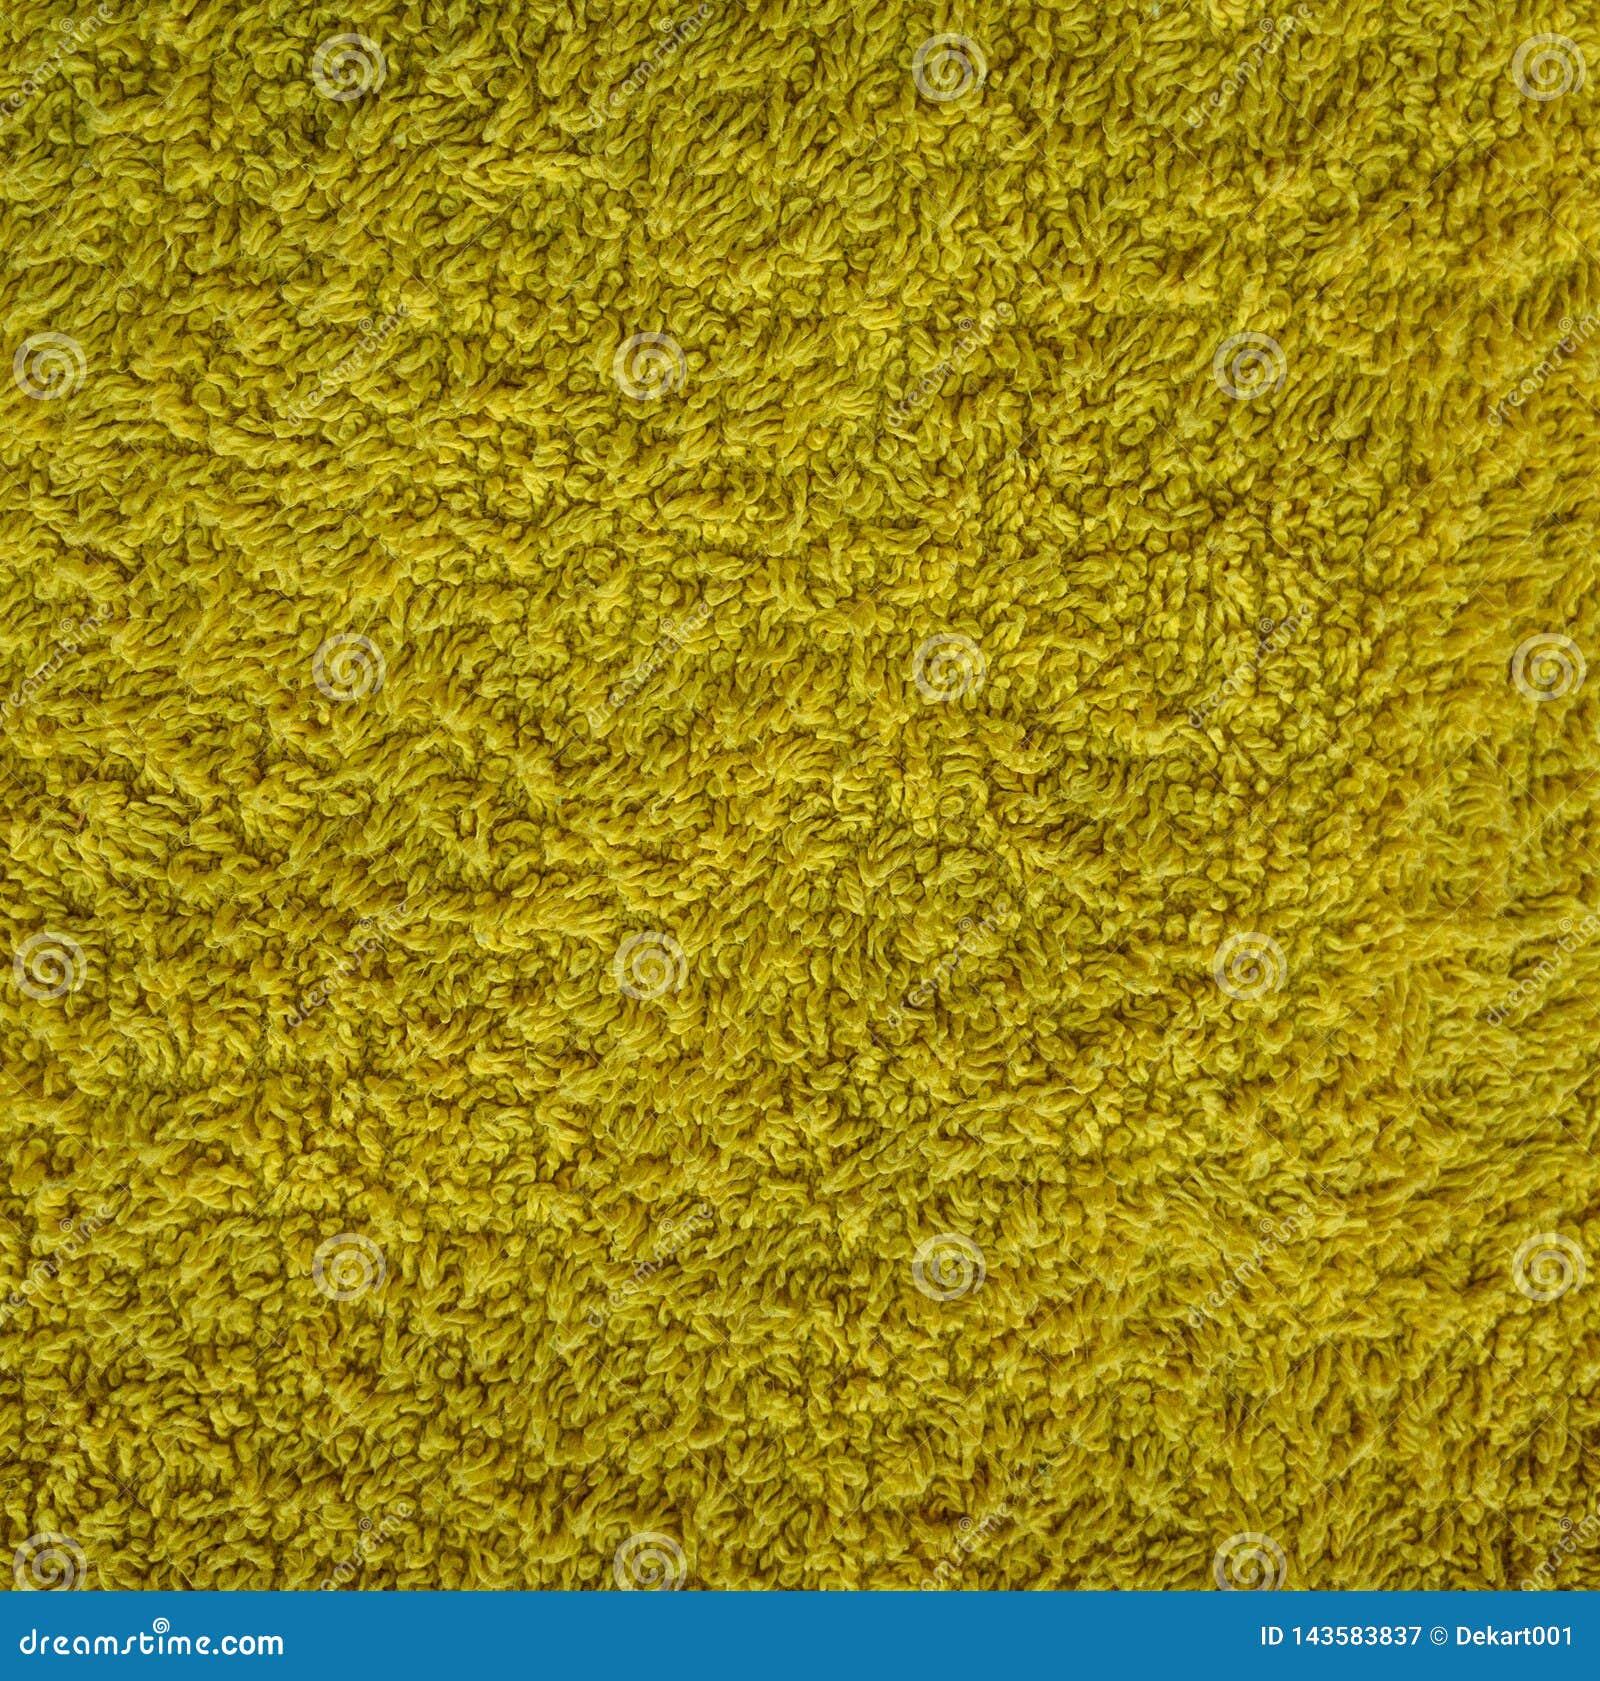 Żółty dywanowy materiał z luźnymi niciami, abstrakcjonistyczna tło tekstura